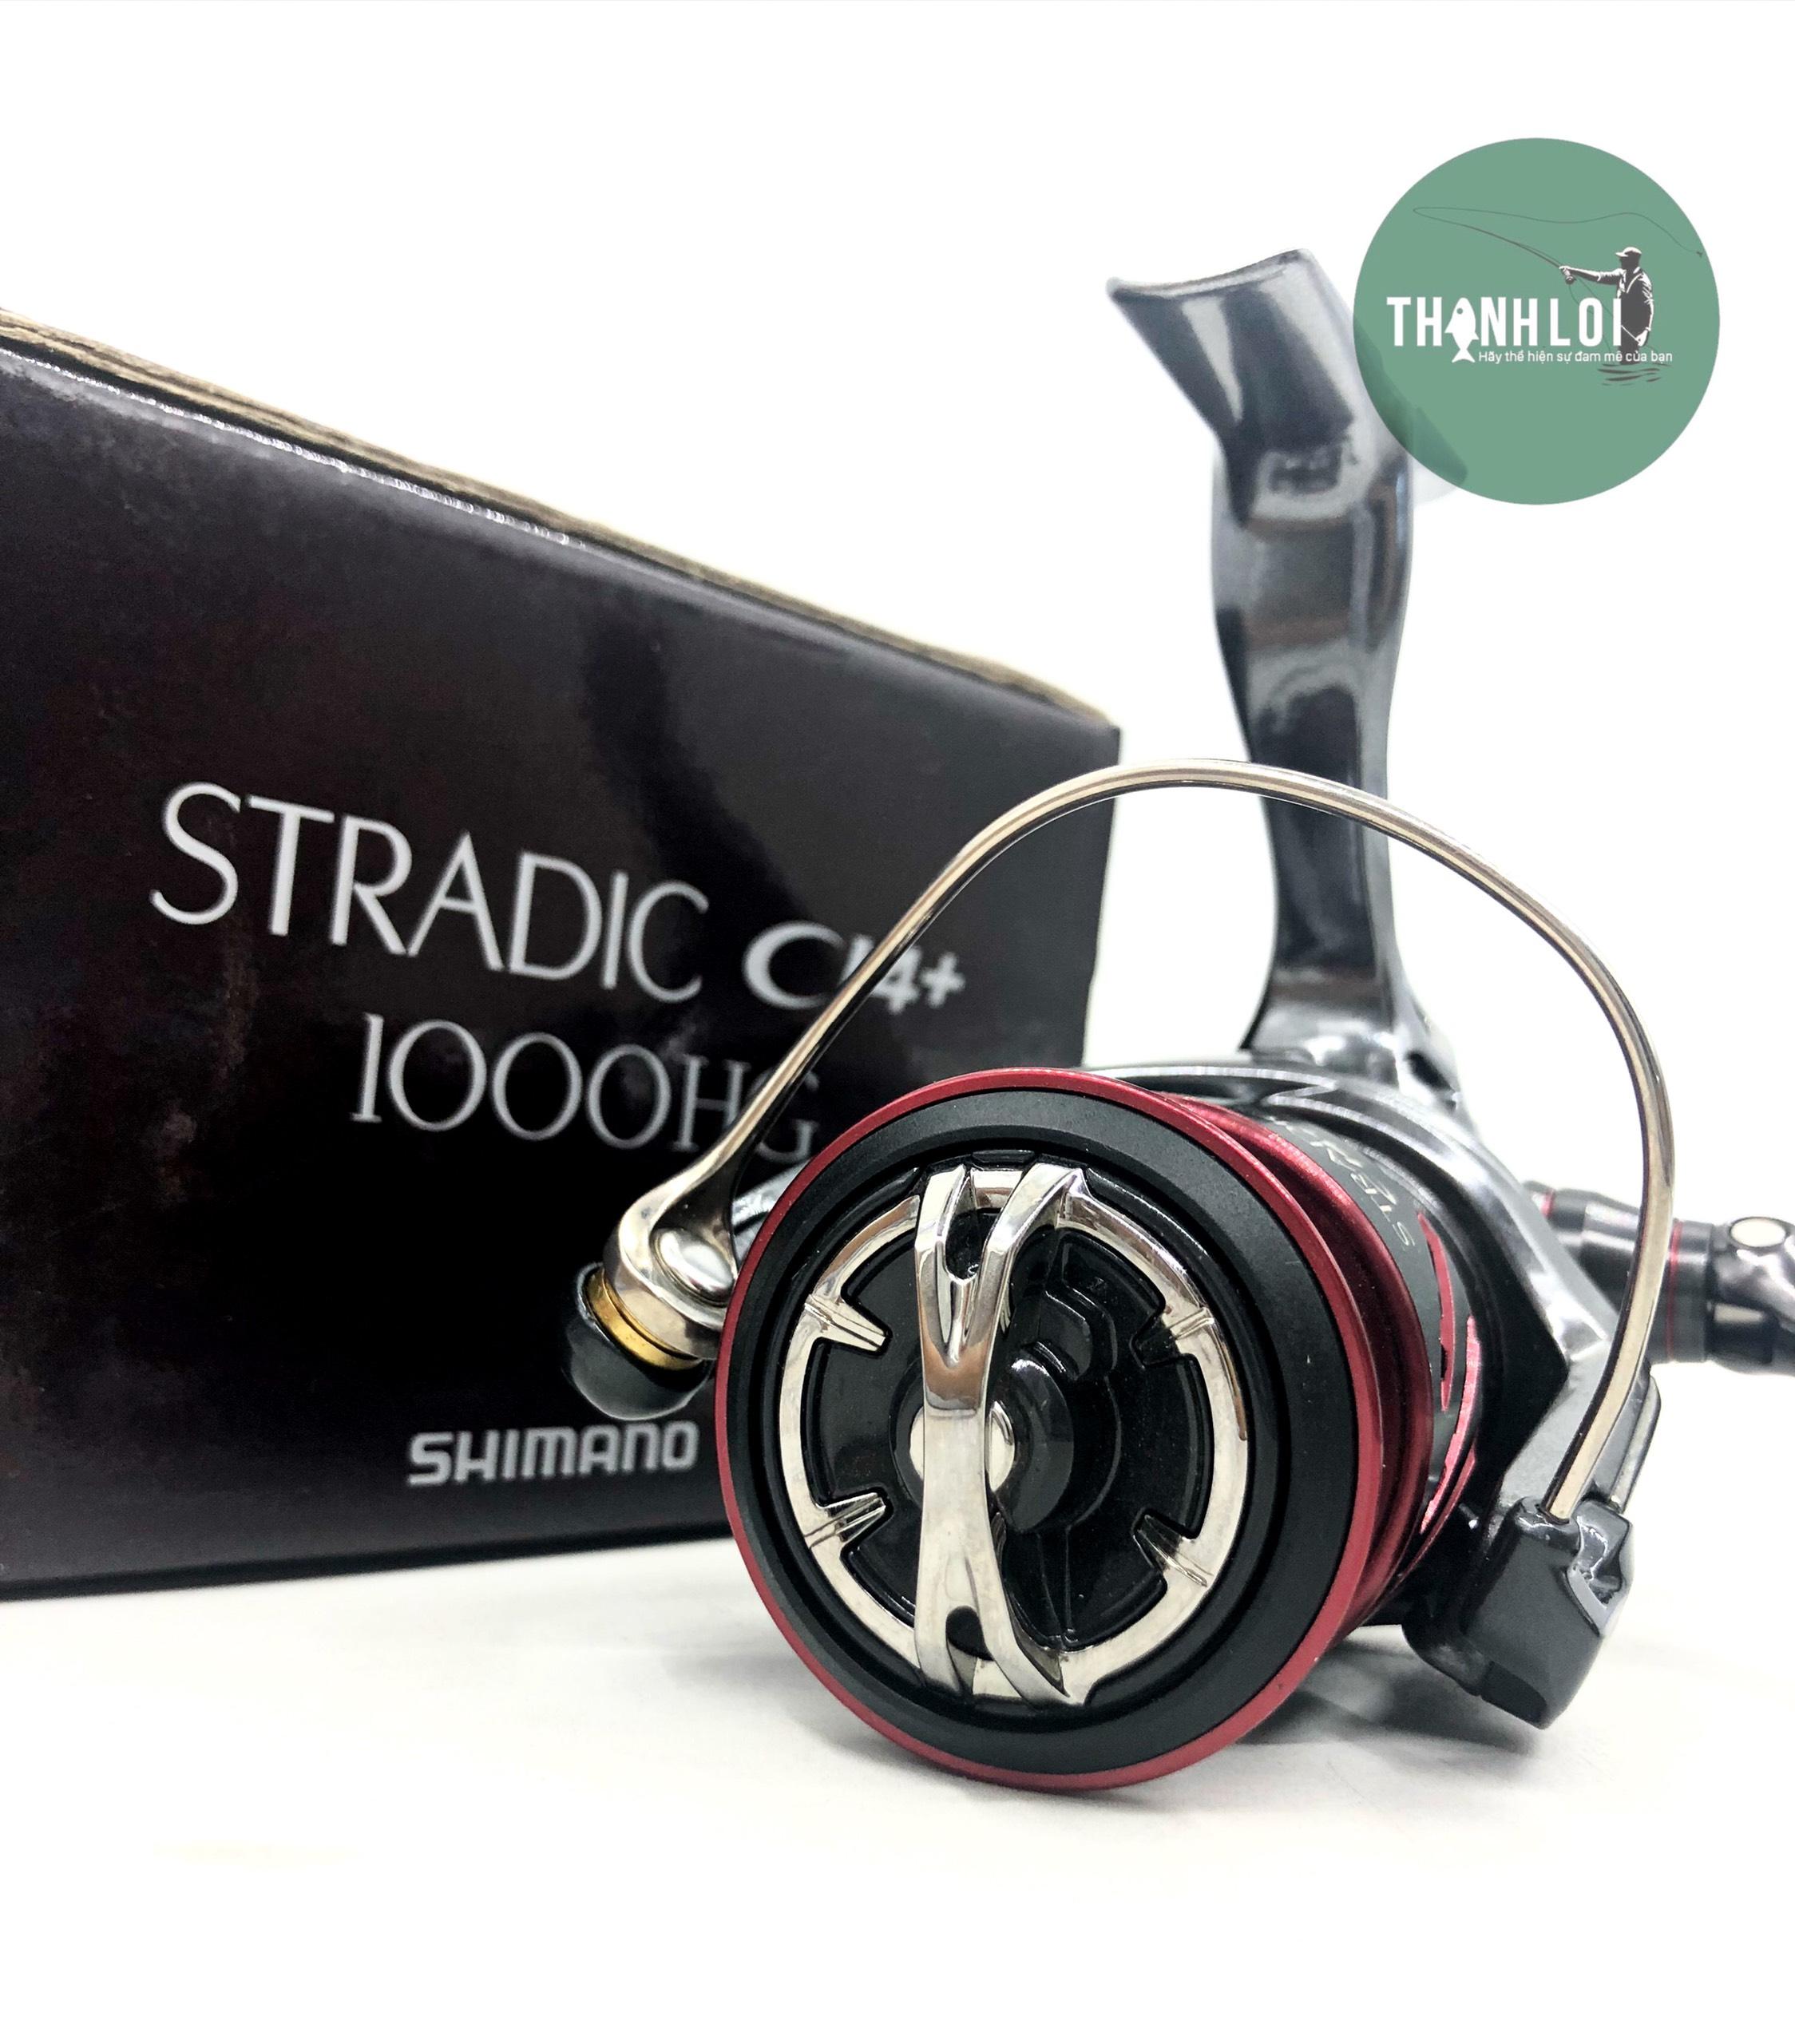 Máy Shimano Stradic Ci4+